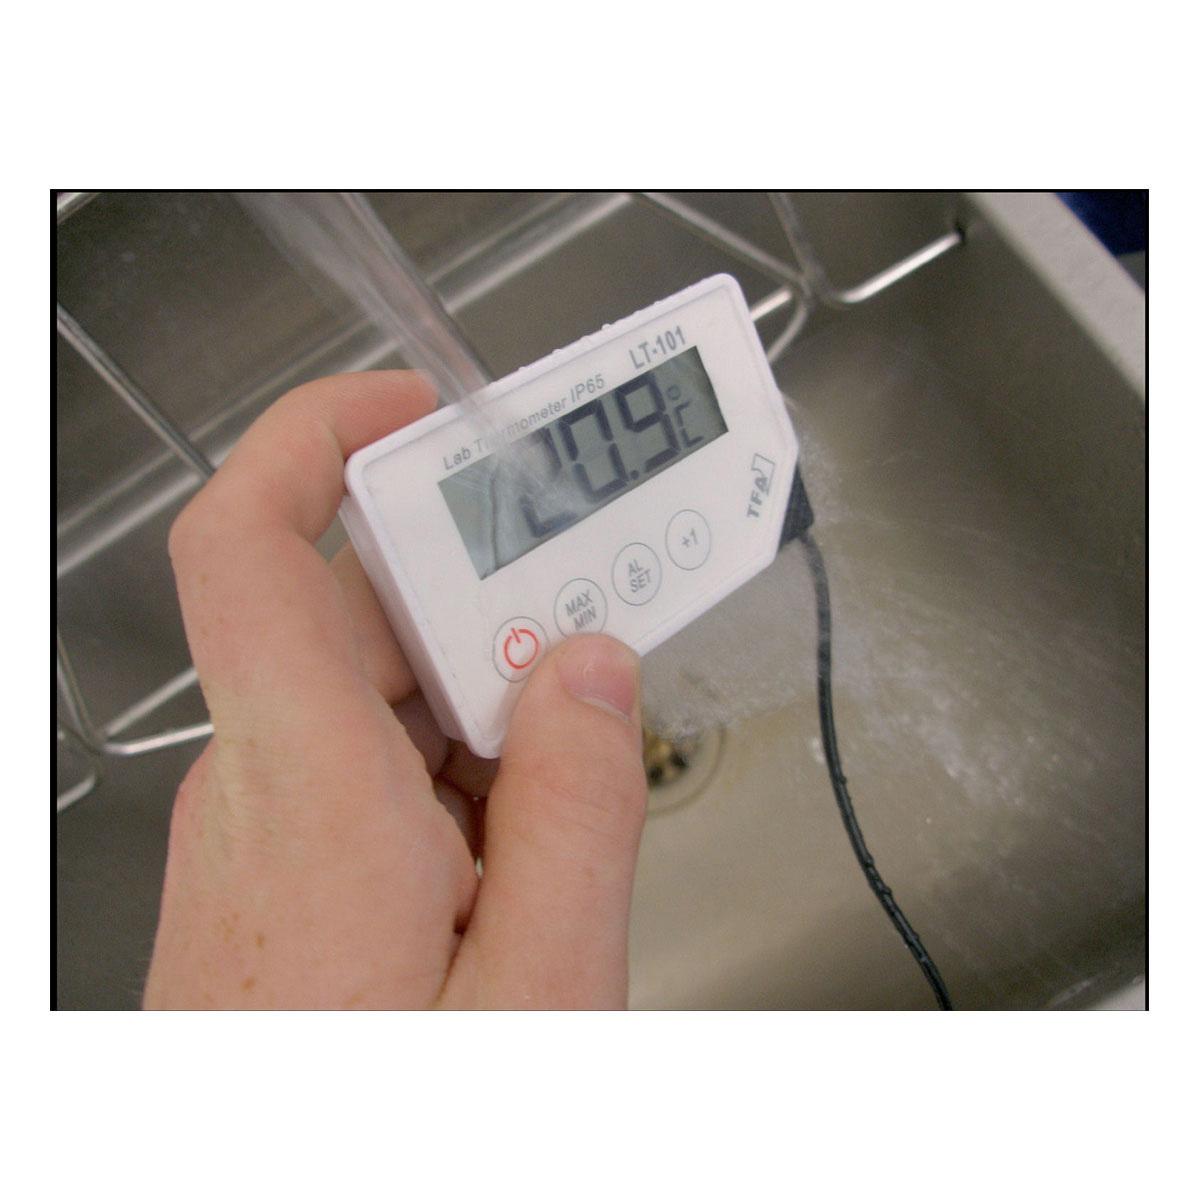 30-1033-profi-digitalthermometer-mit-einstichfühler-lt-101-anwendung-1200x1200px.jpg